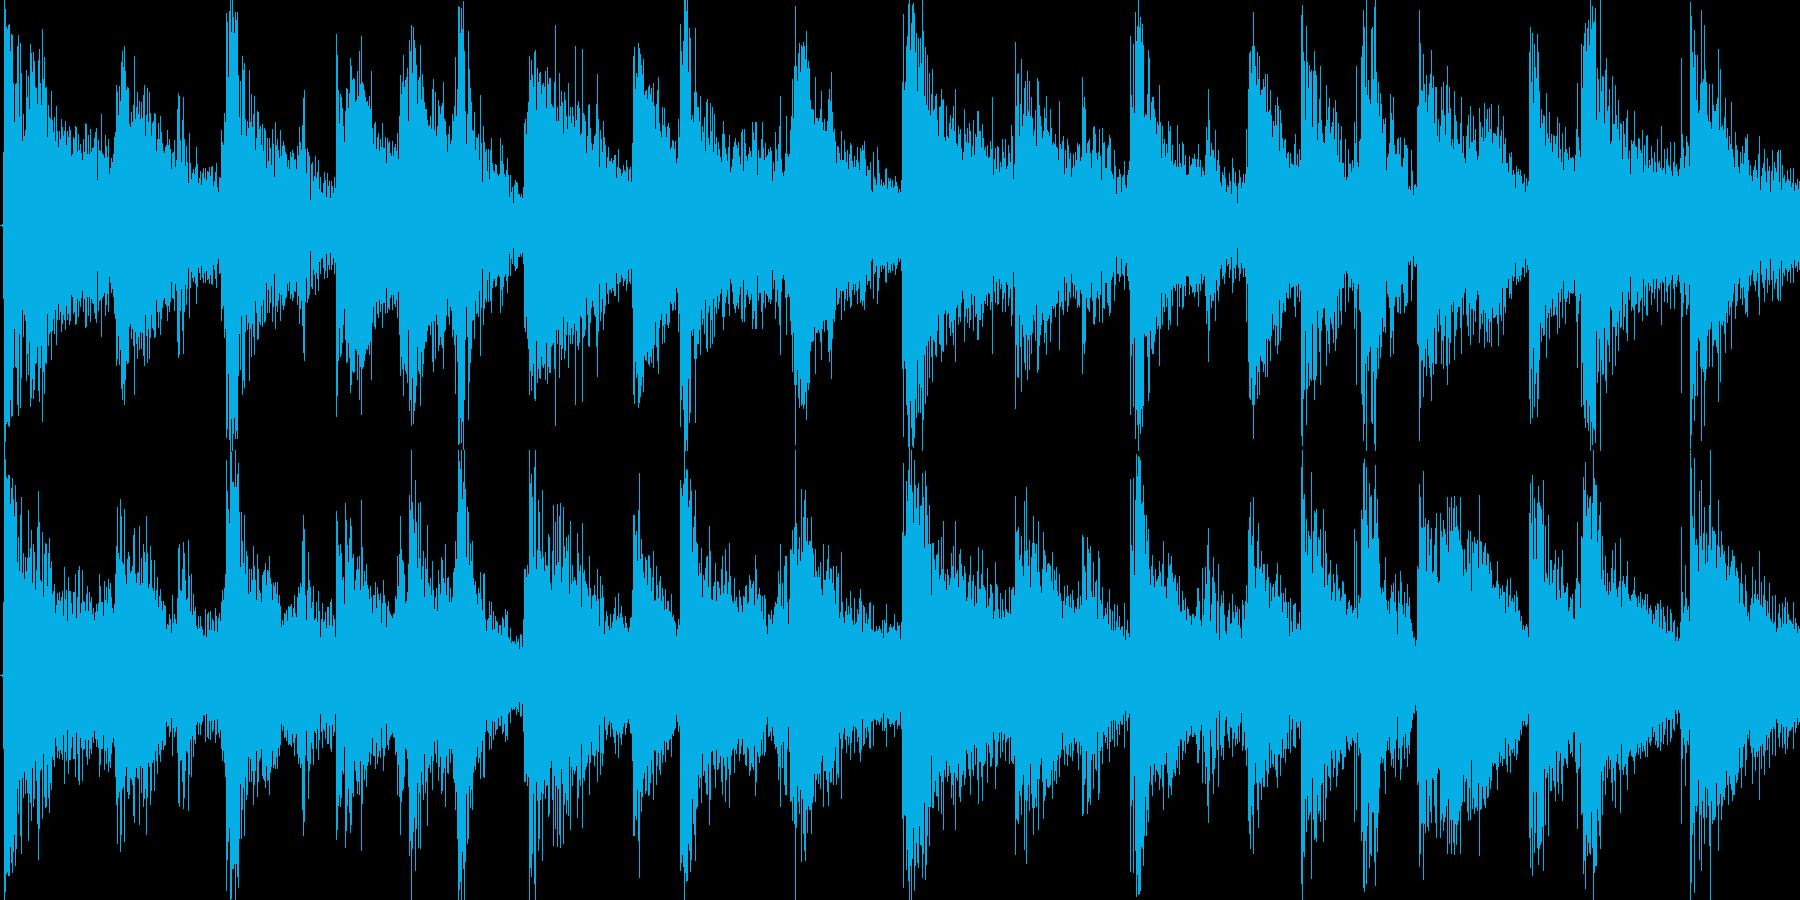 カーニバル サンバ ラテン Loop素材の再生済みの波形